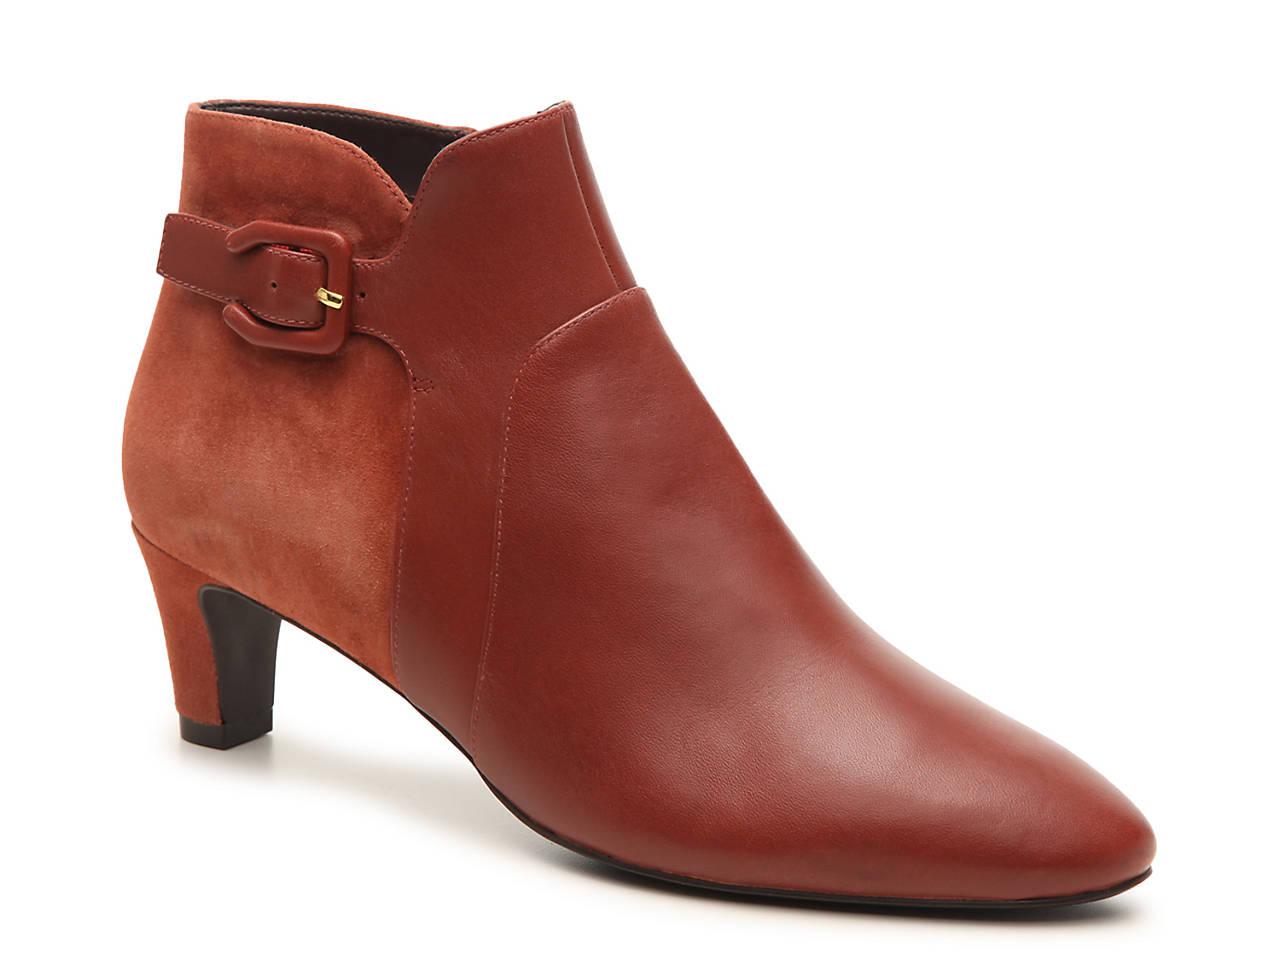 d325973ab91 Cole Haan Sylvia Waterproof Bootie Women s Shoes